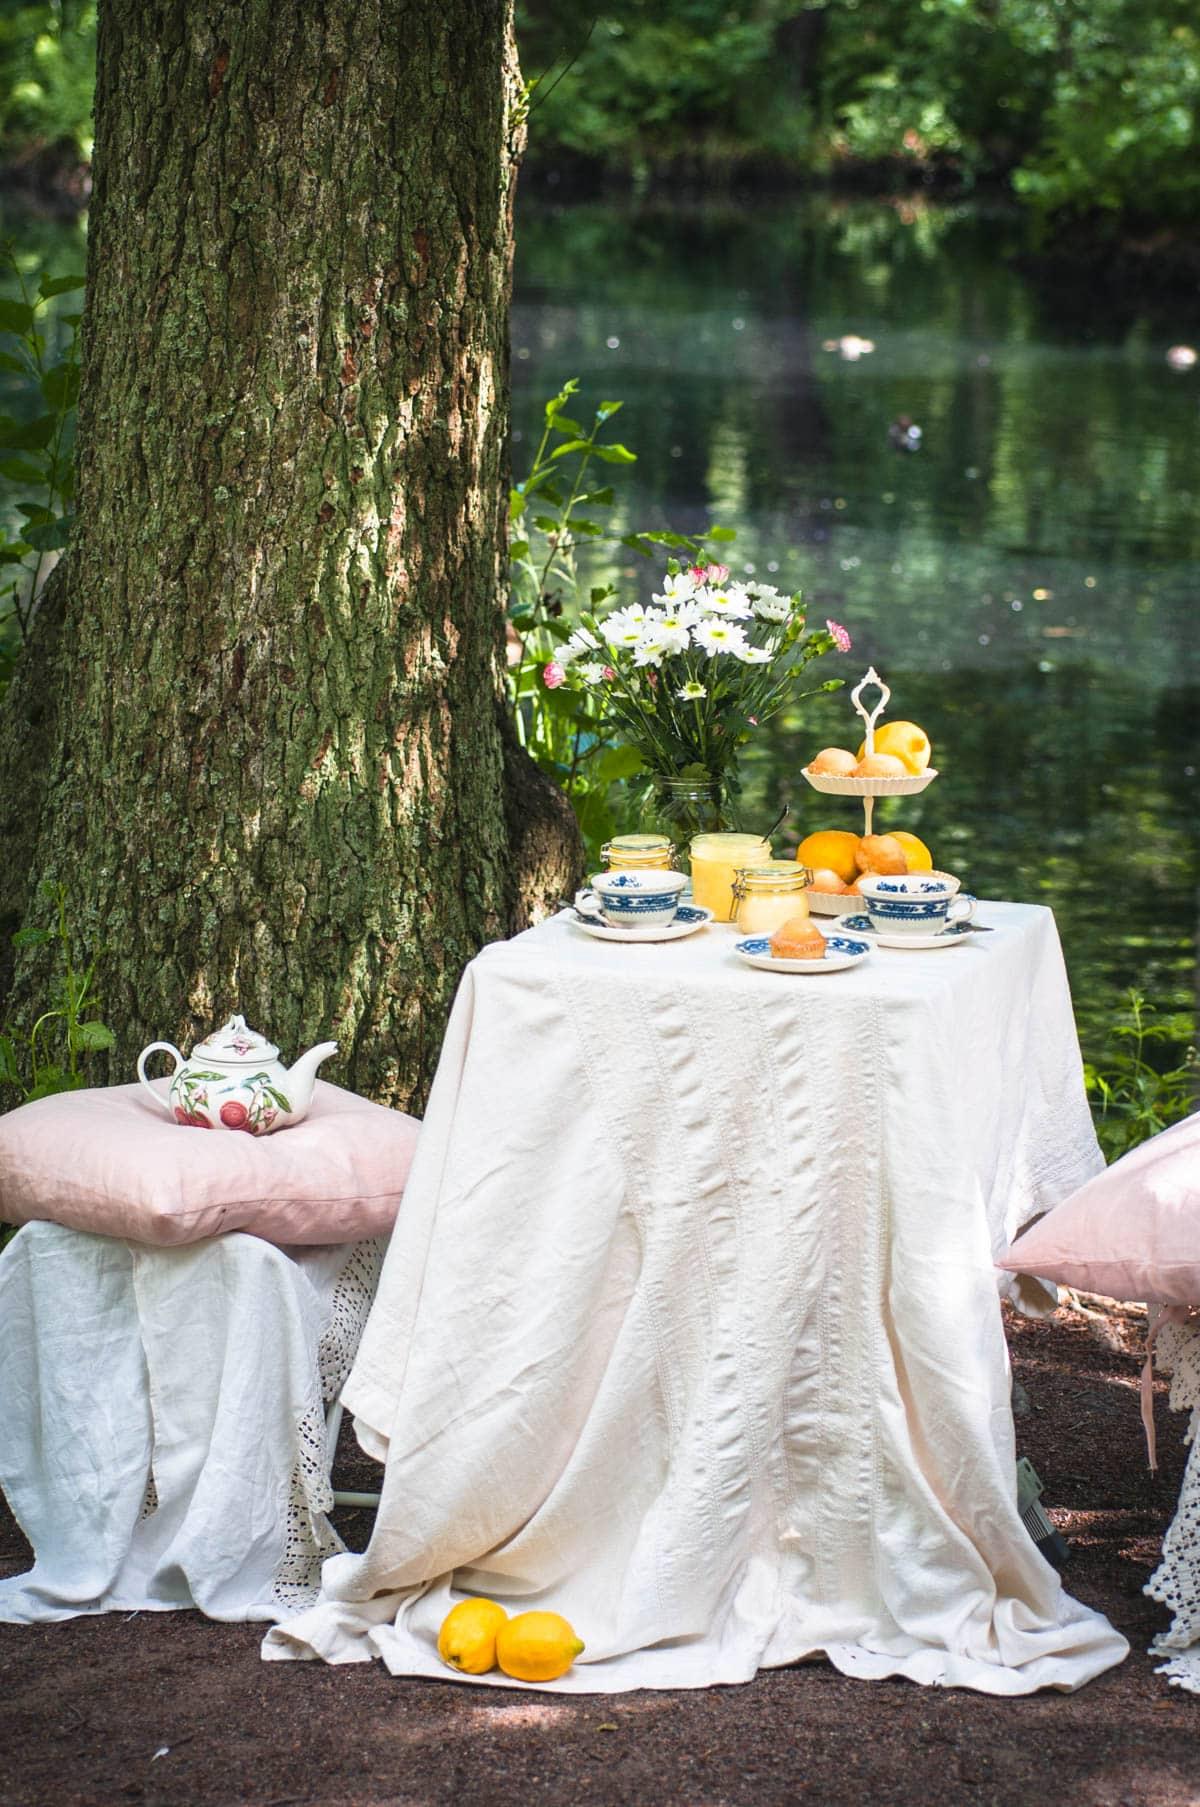 Taiteellinen valokuva pöydästä lammen rannalla. Pöydällä on valkoinen pöytäliina, jolle on katettu muffineita, teekupit ja lemon curdia.